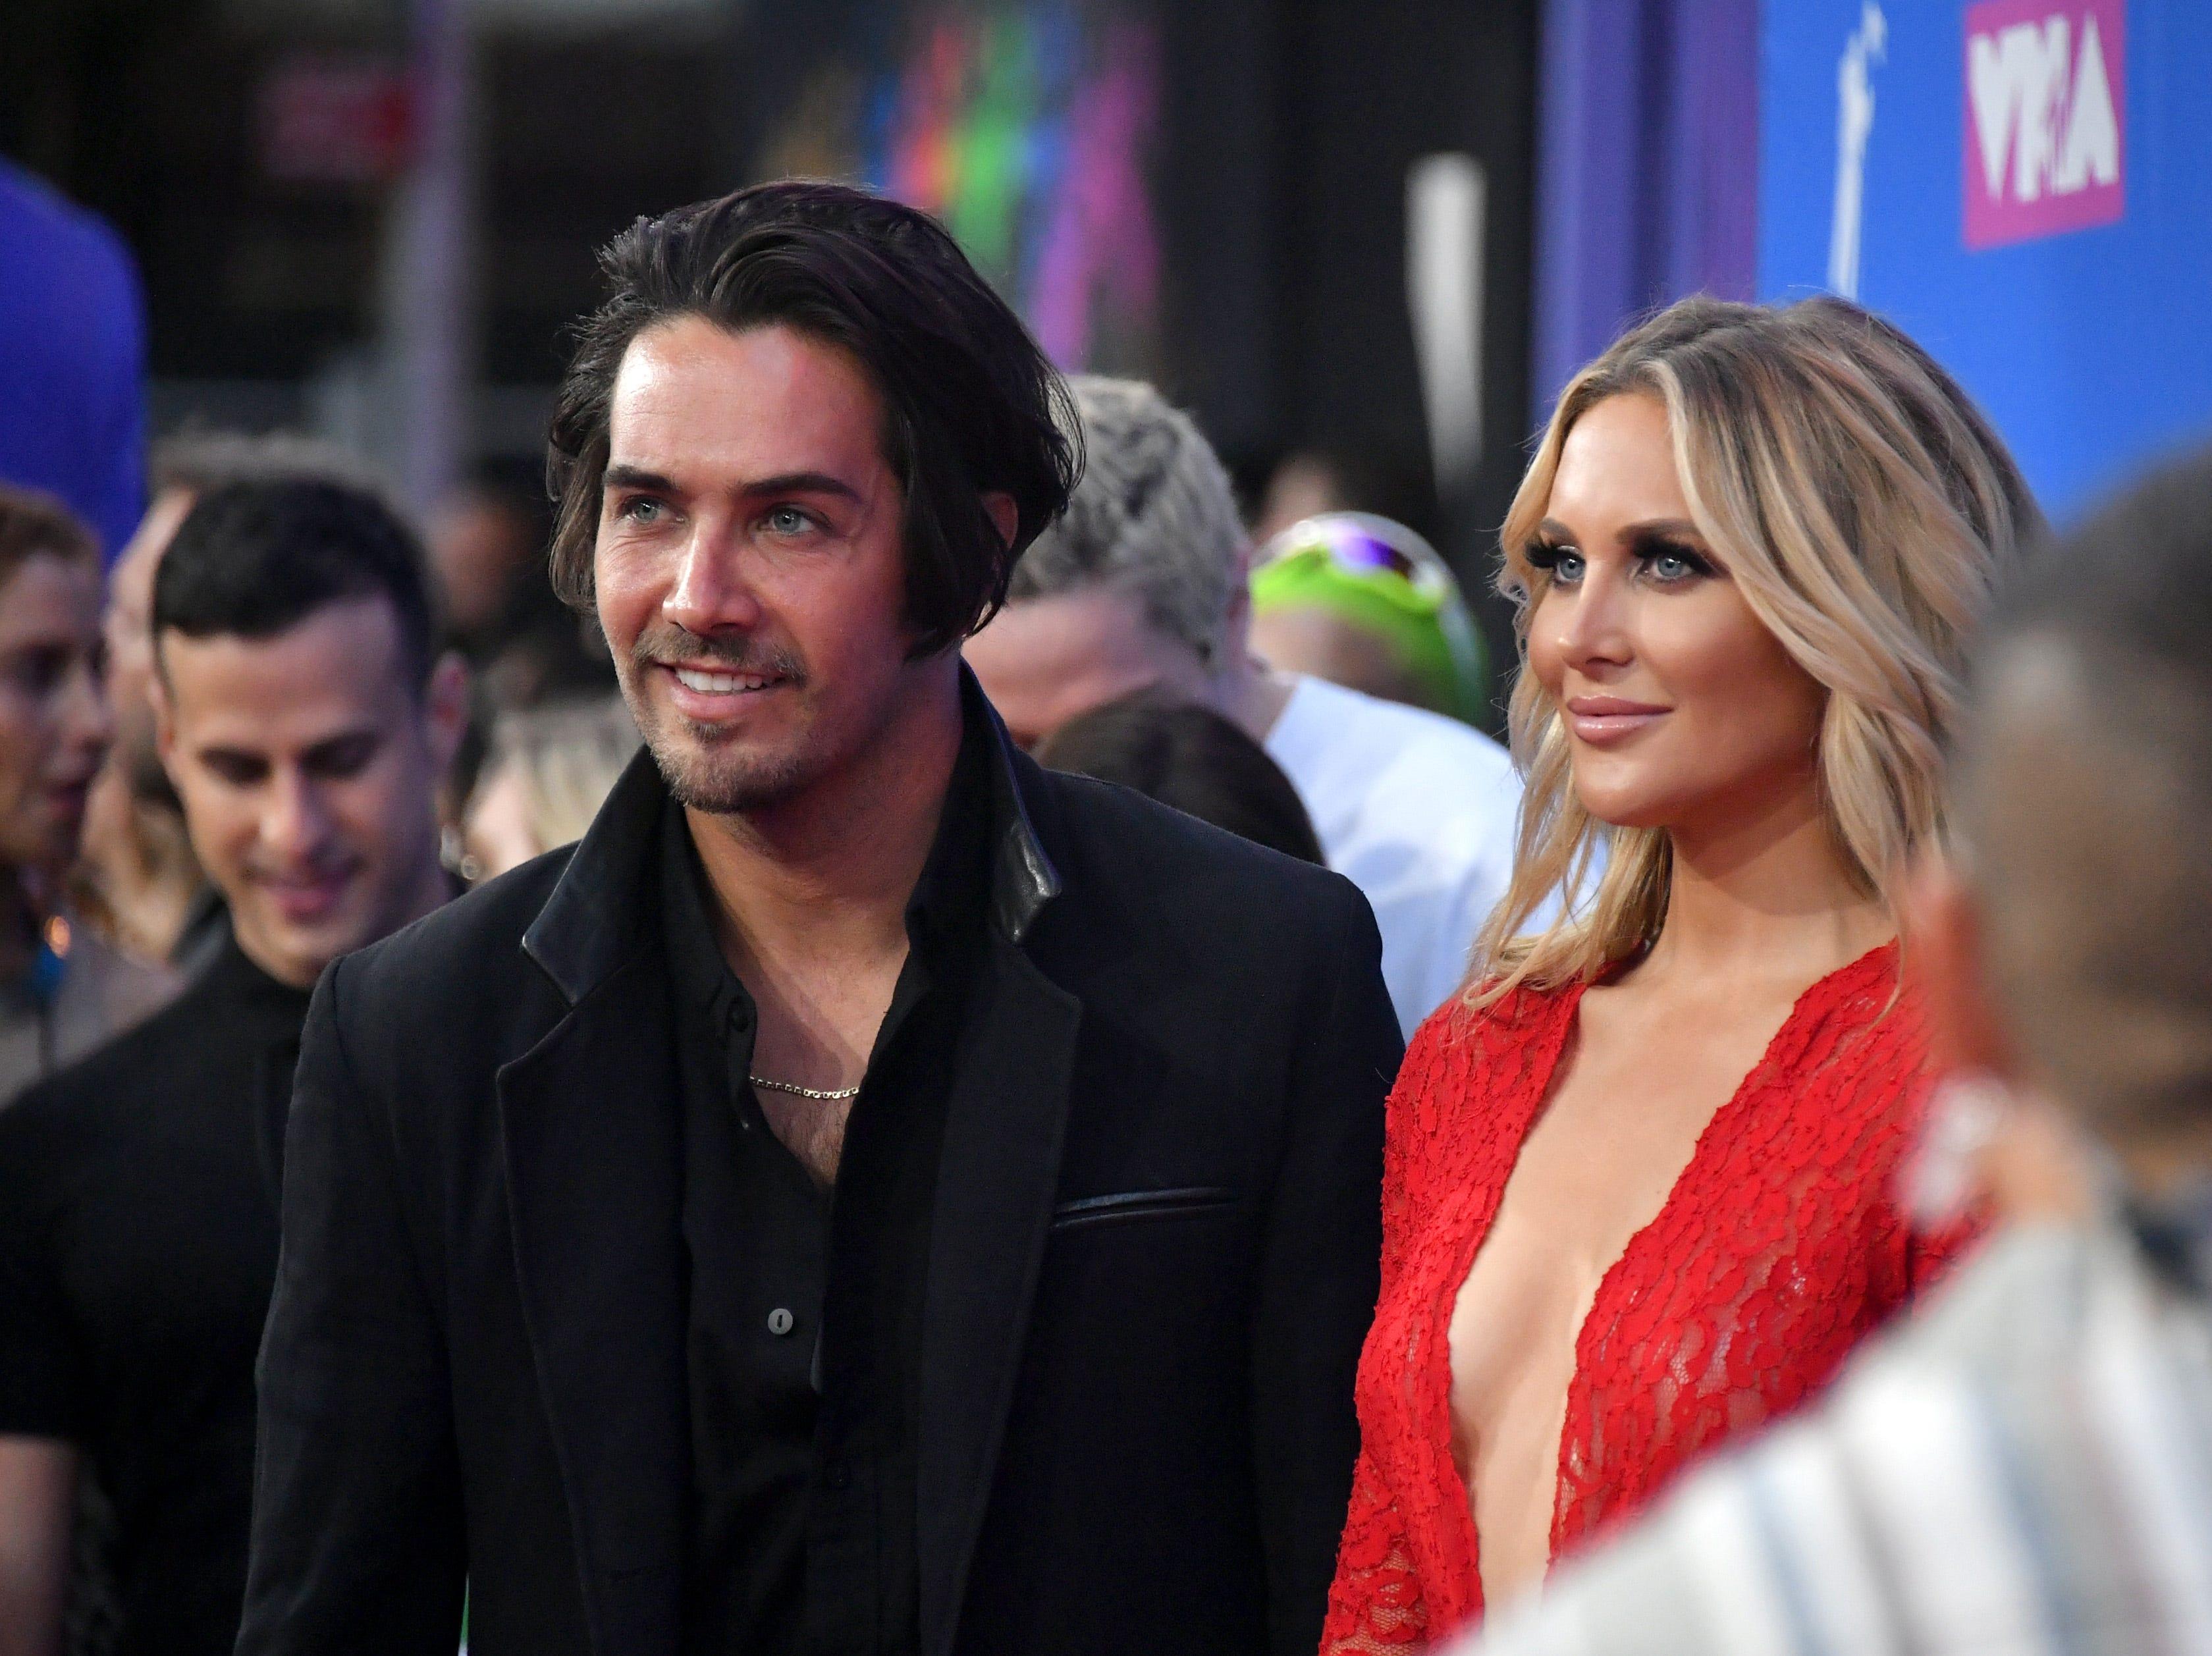 Justin Bobby Brescia y Stephanie Pratt asiste a los MTV Video Music Awards 2018 en el Radio City Music Hall el 20 de agosto de 2018 en la ciudad de Nueva York.